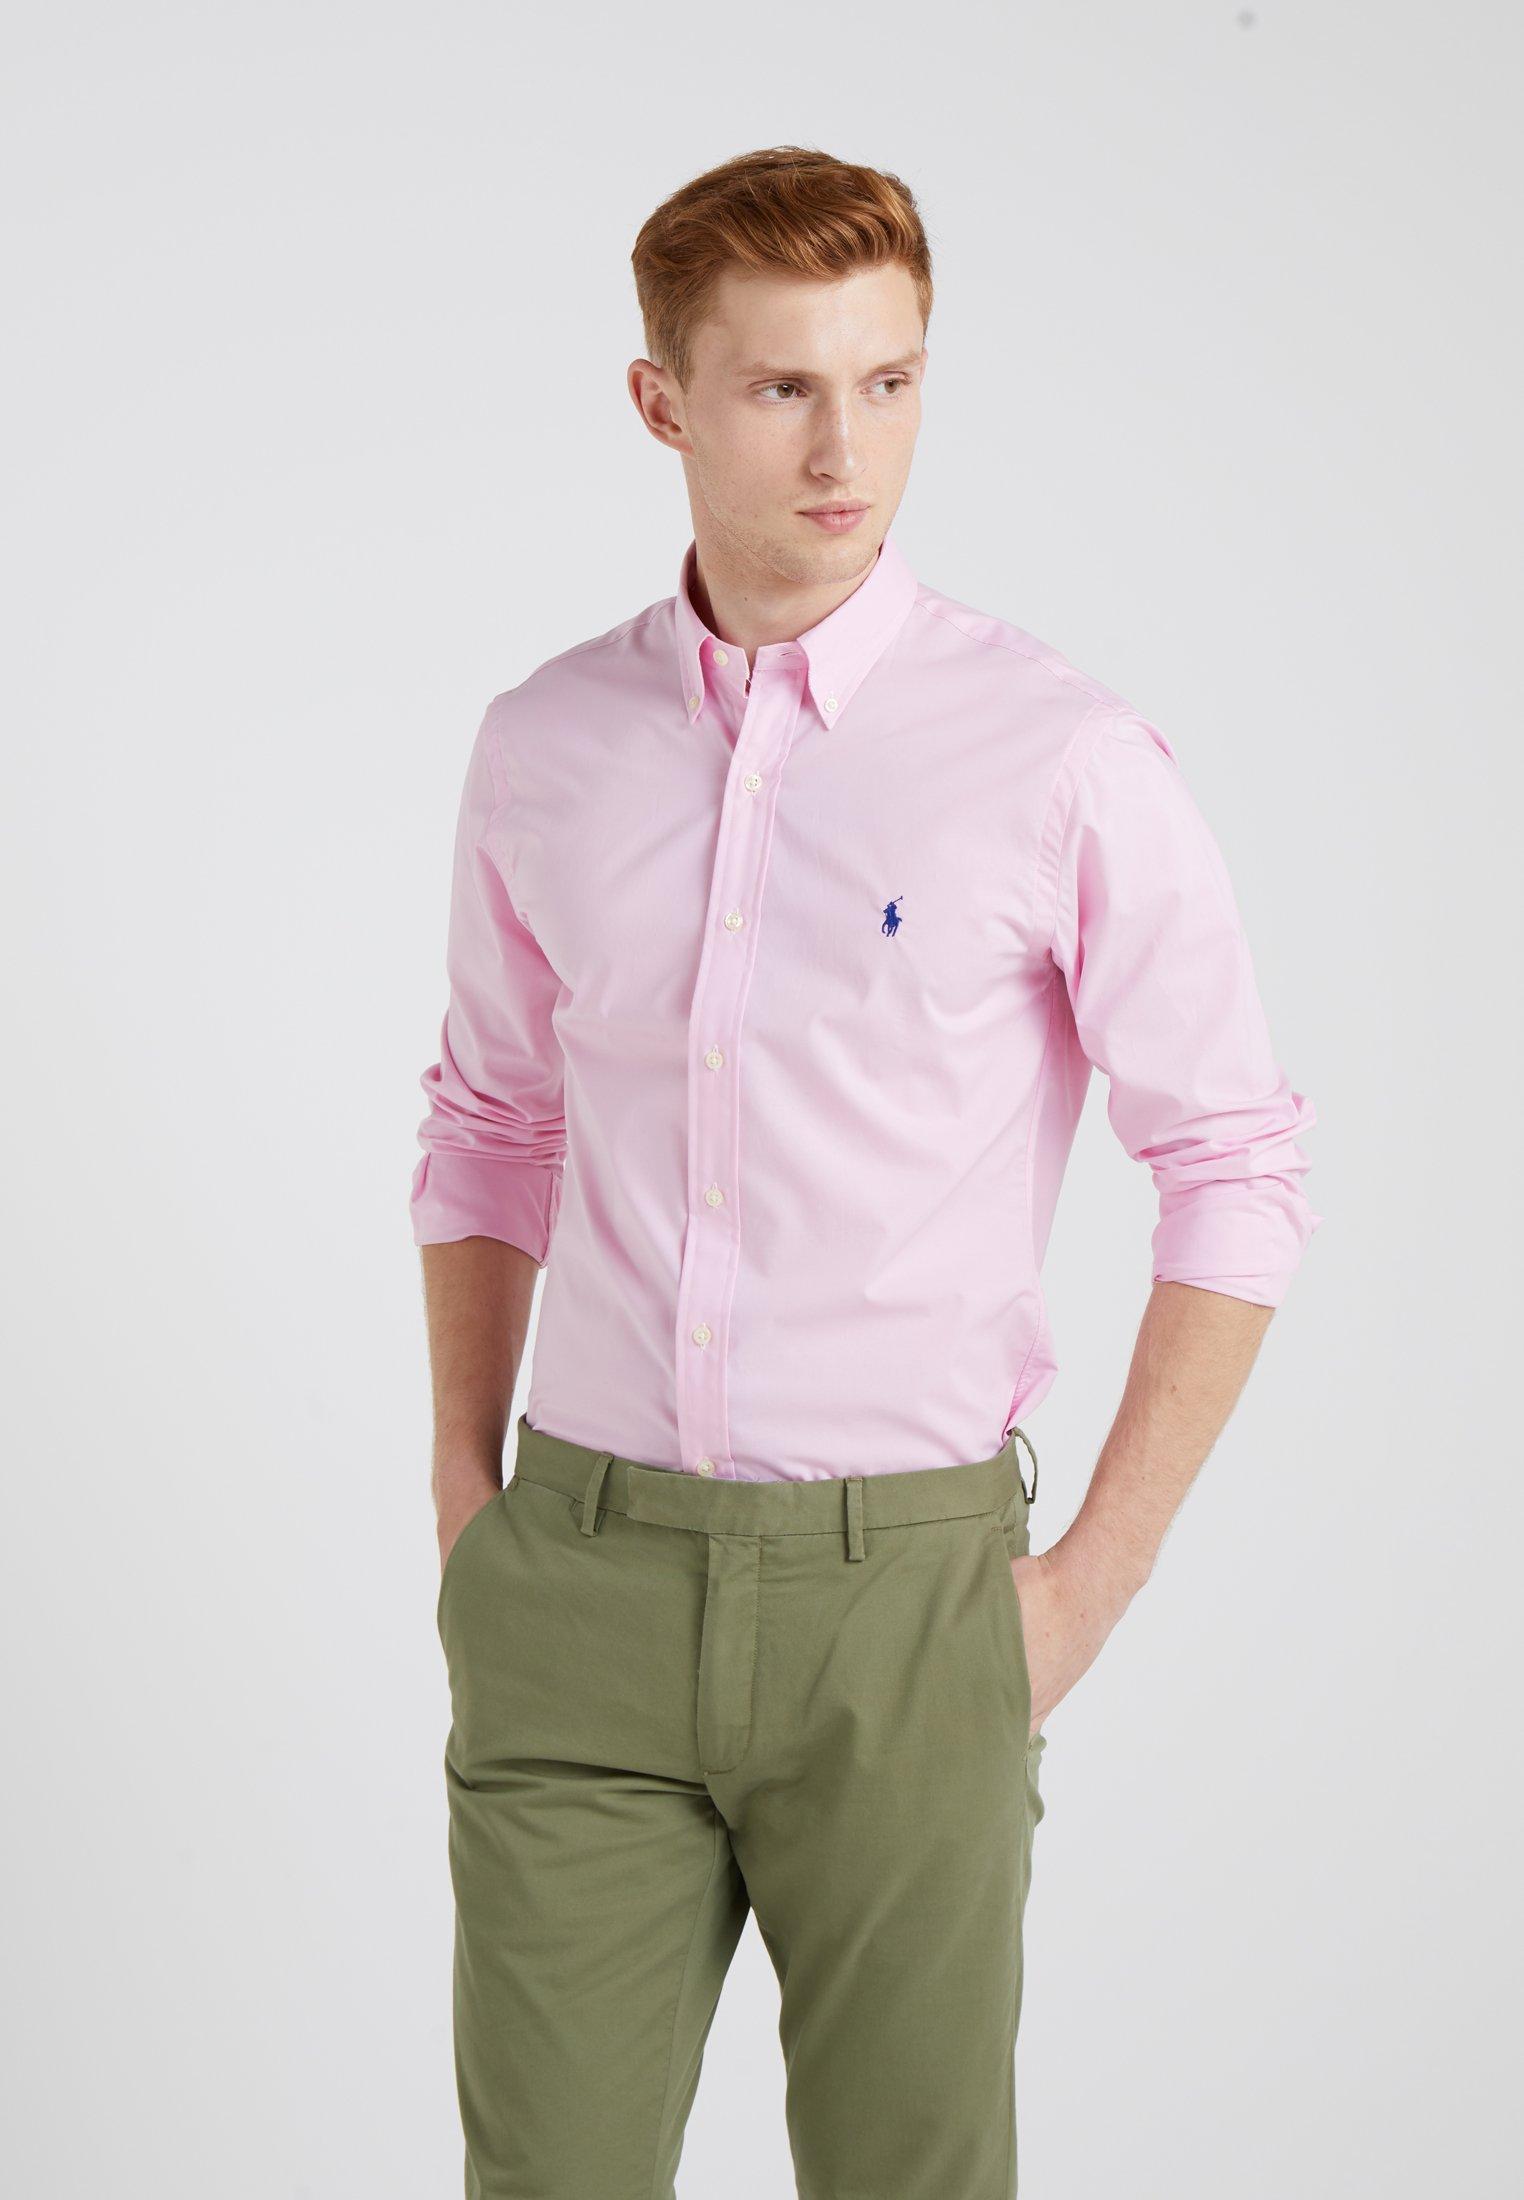 Kjøp rosa Skjorter til herre på nett | FASHIOLA.no